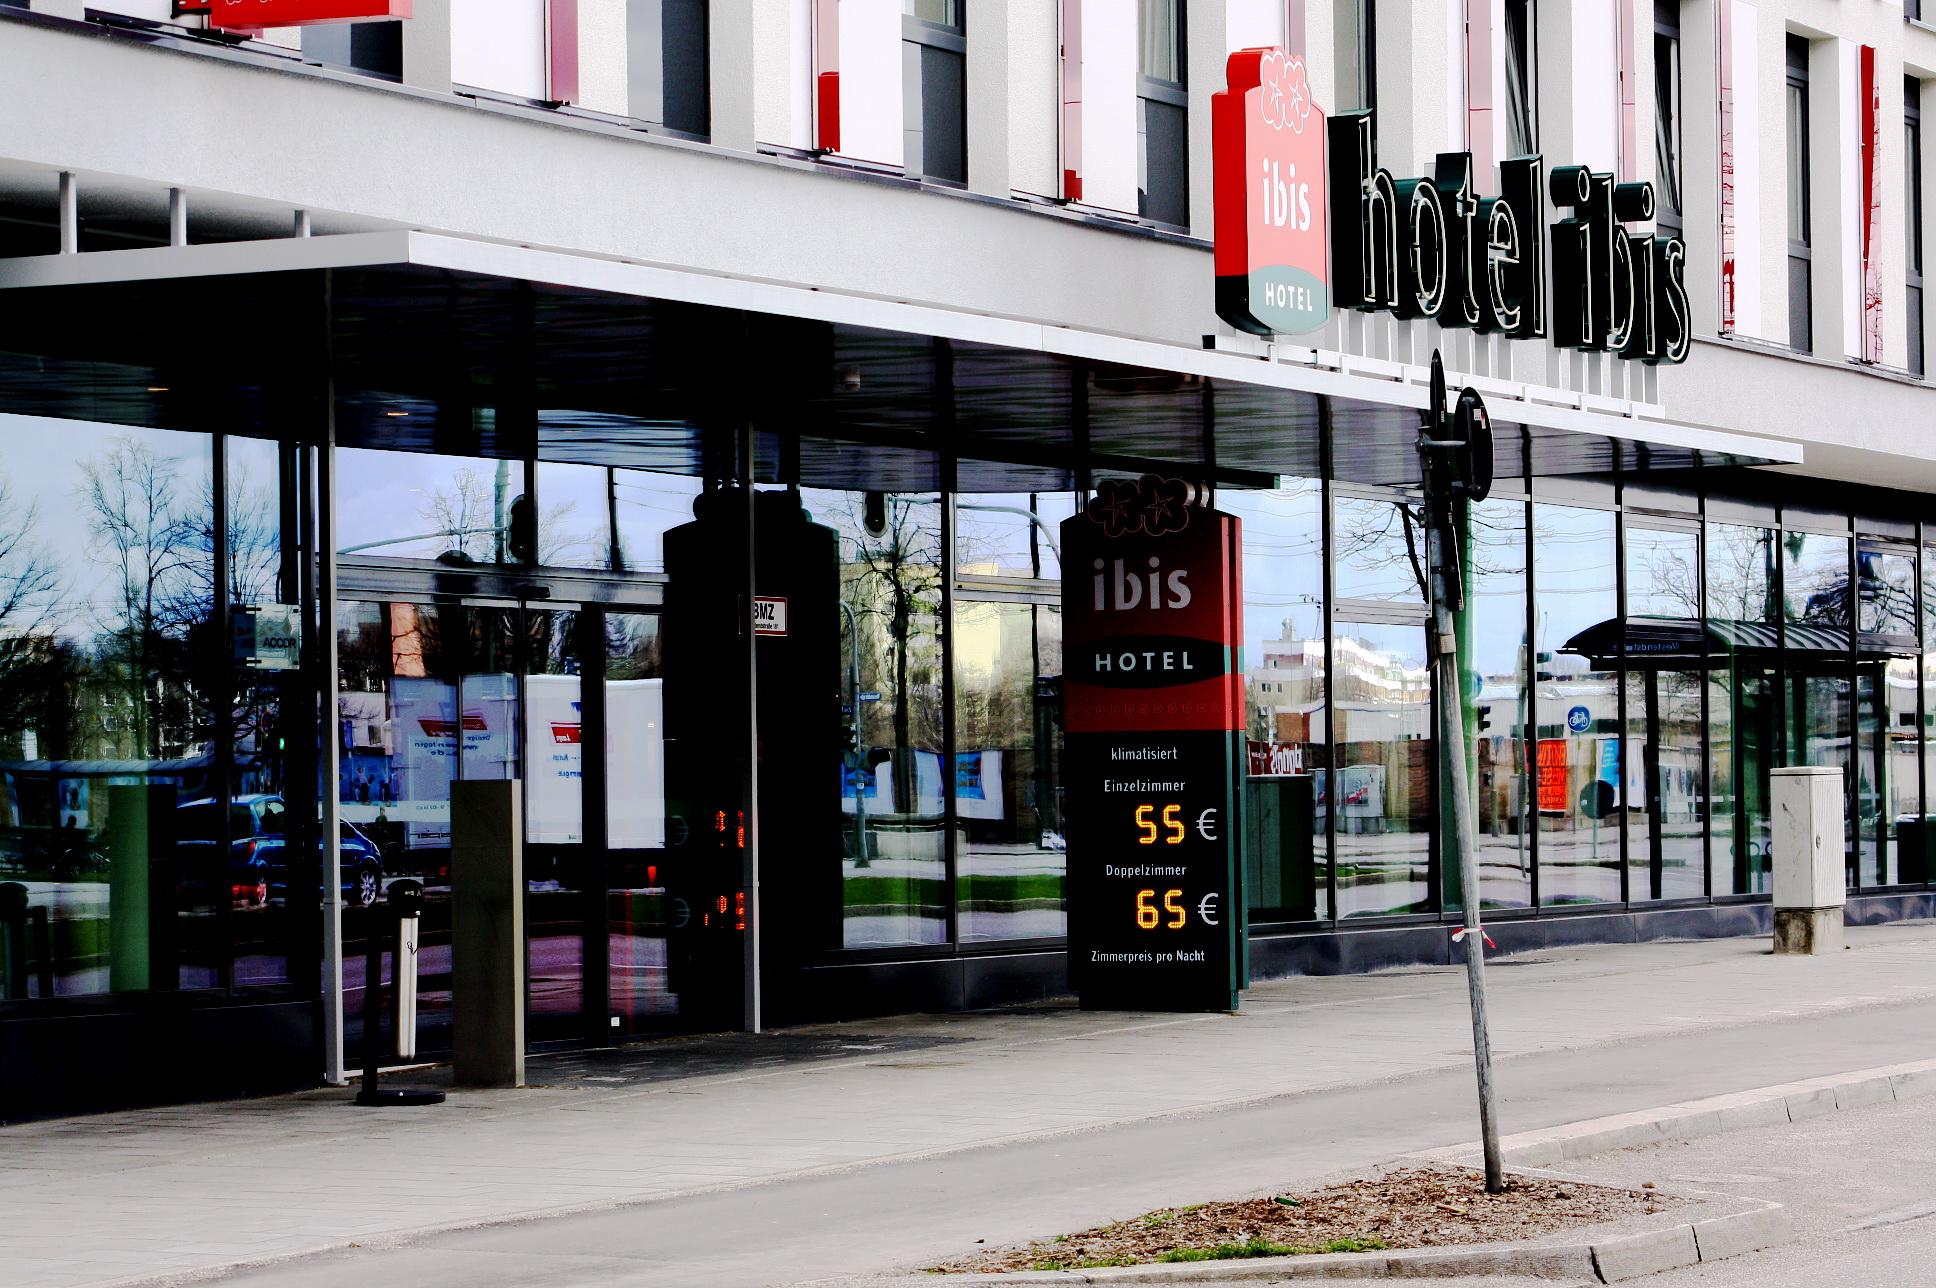 Ibis Hotel Munchen